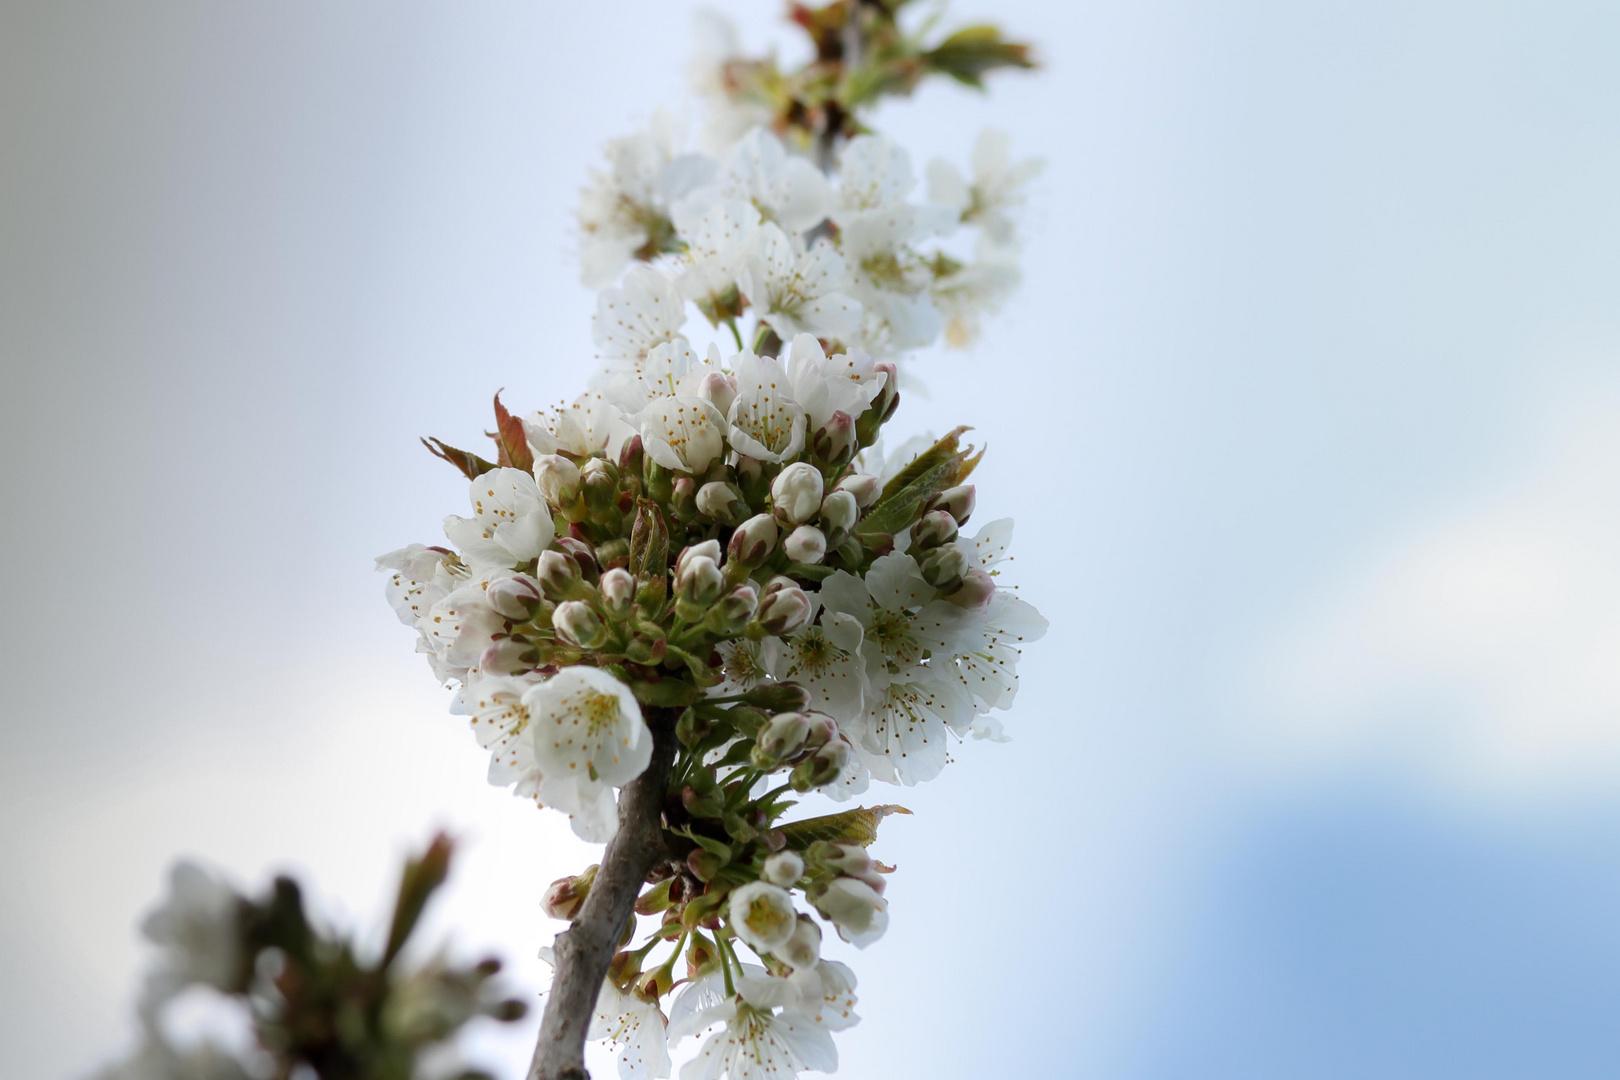 Hochzeitsstrauss Foto Bild Pflanzen Pilze Flechten Baume